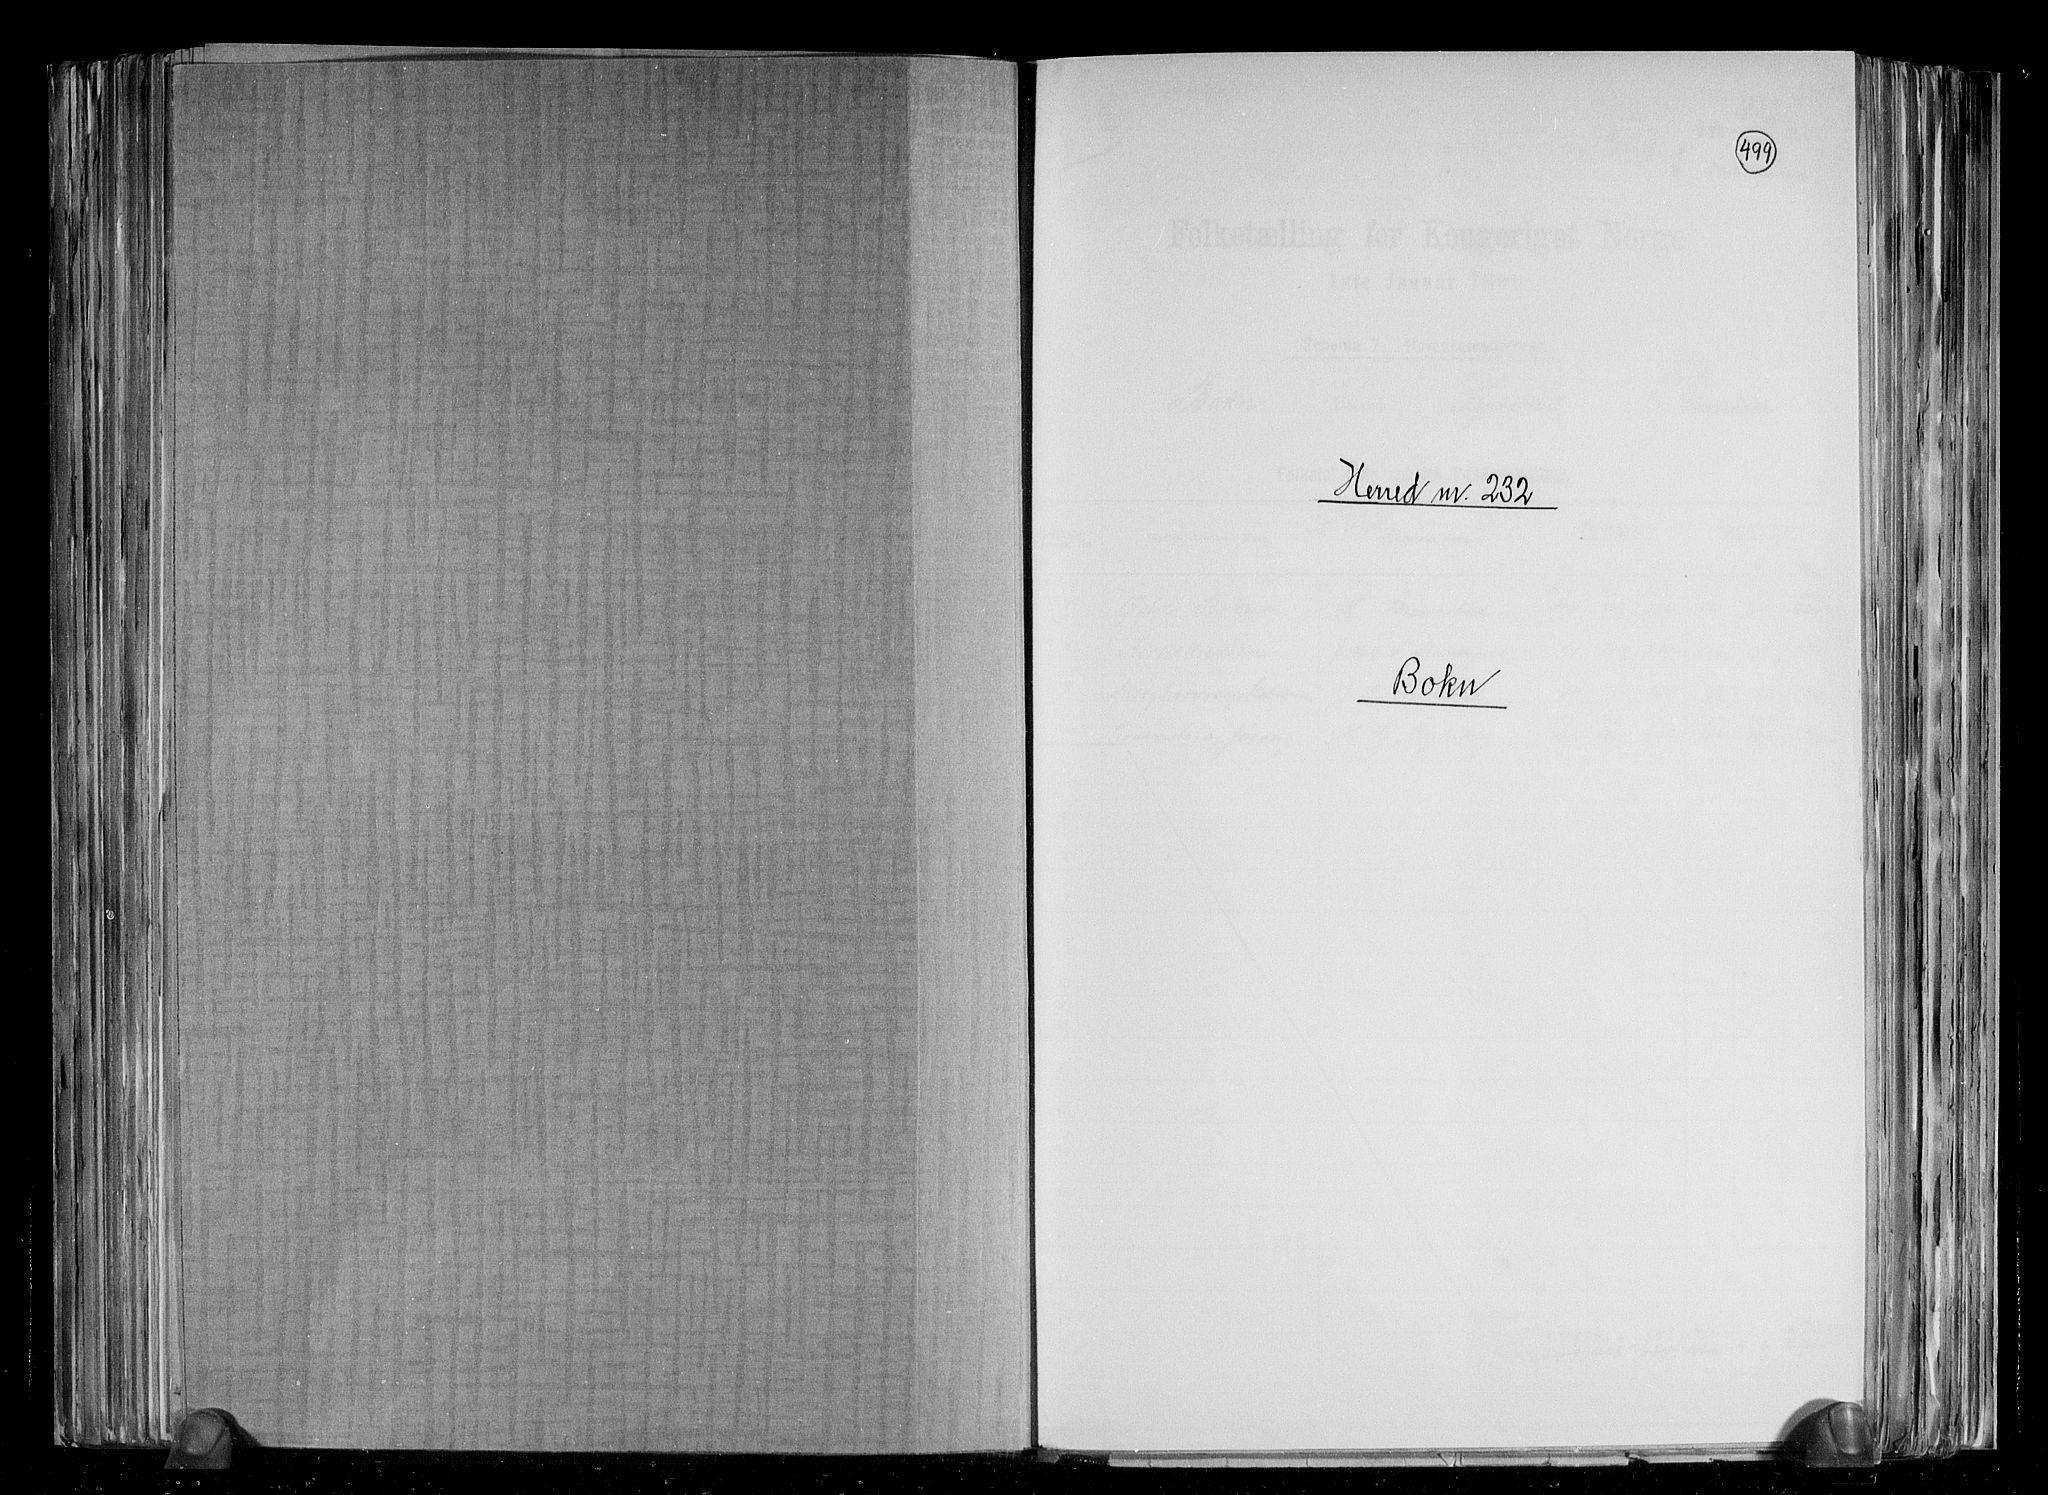 RA, Folketelling 1891 for 1145 Bokn herred, 1891, s. 1